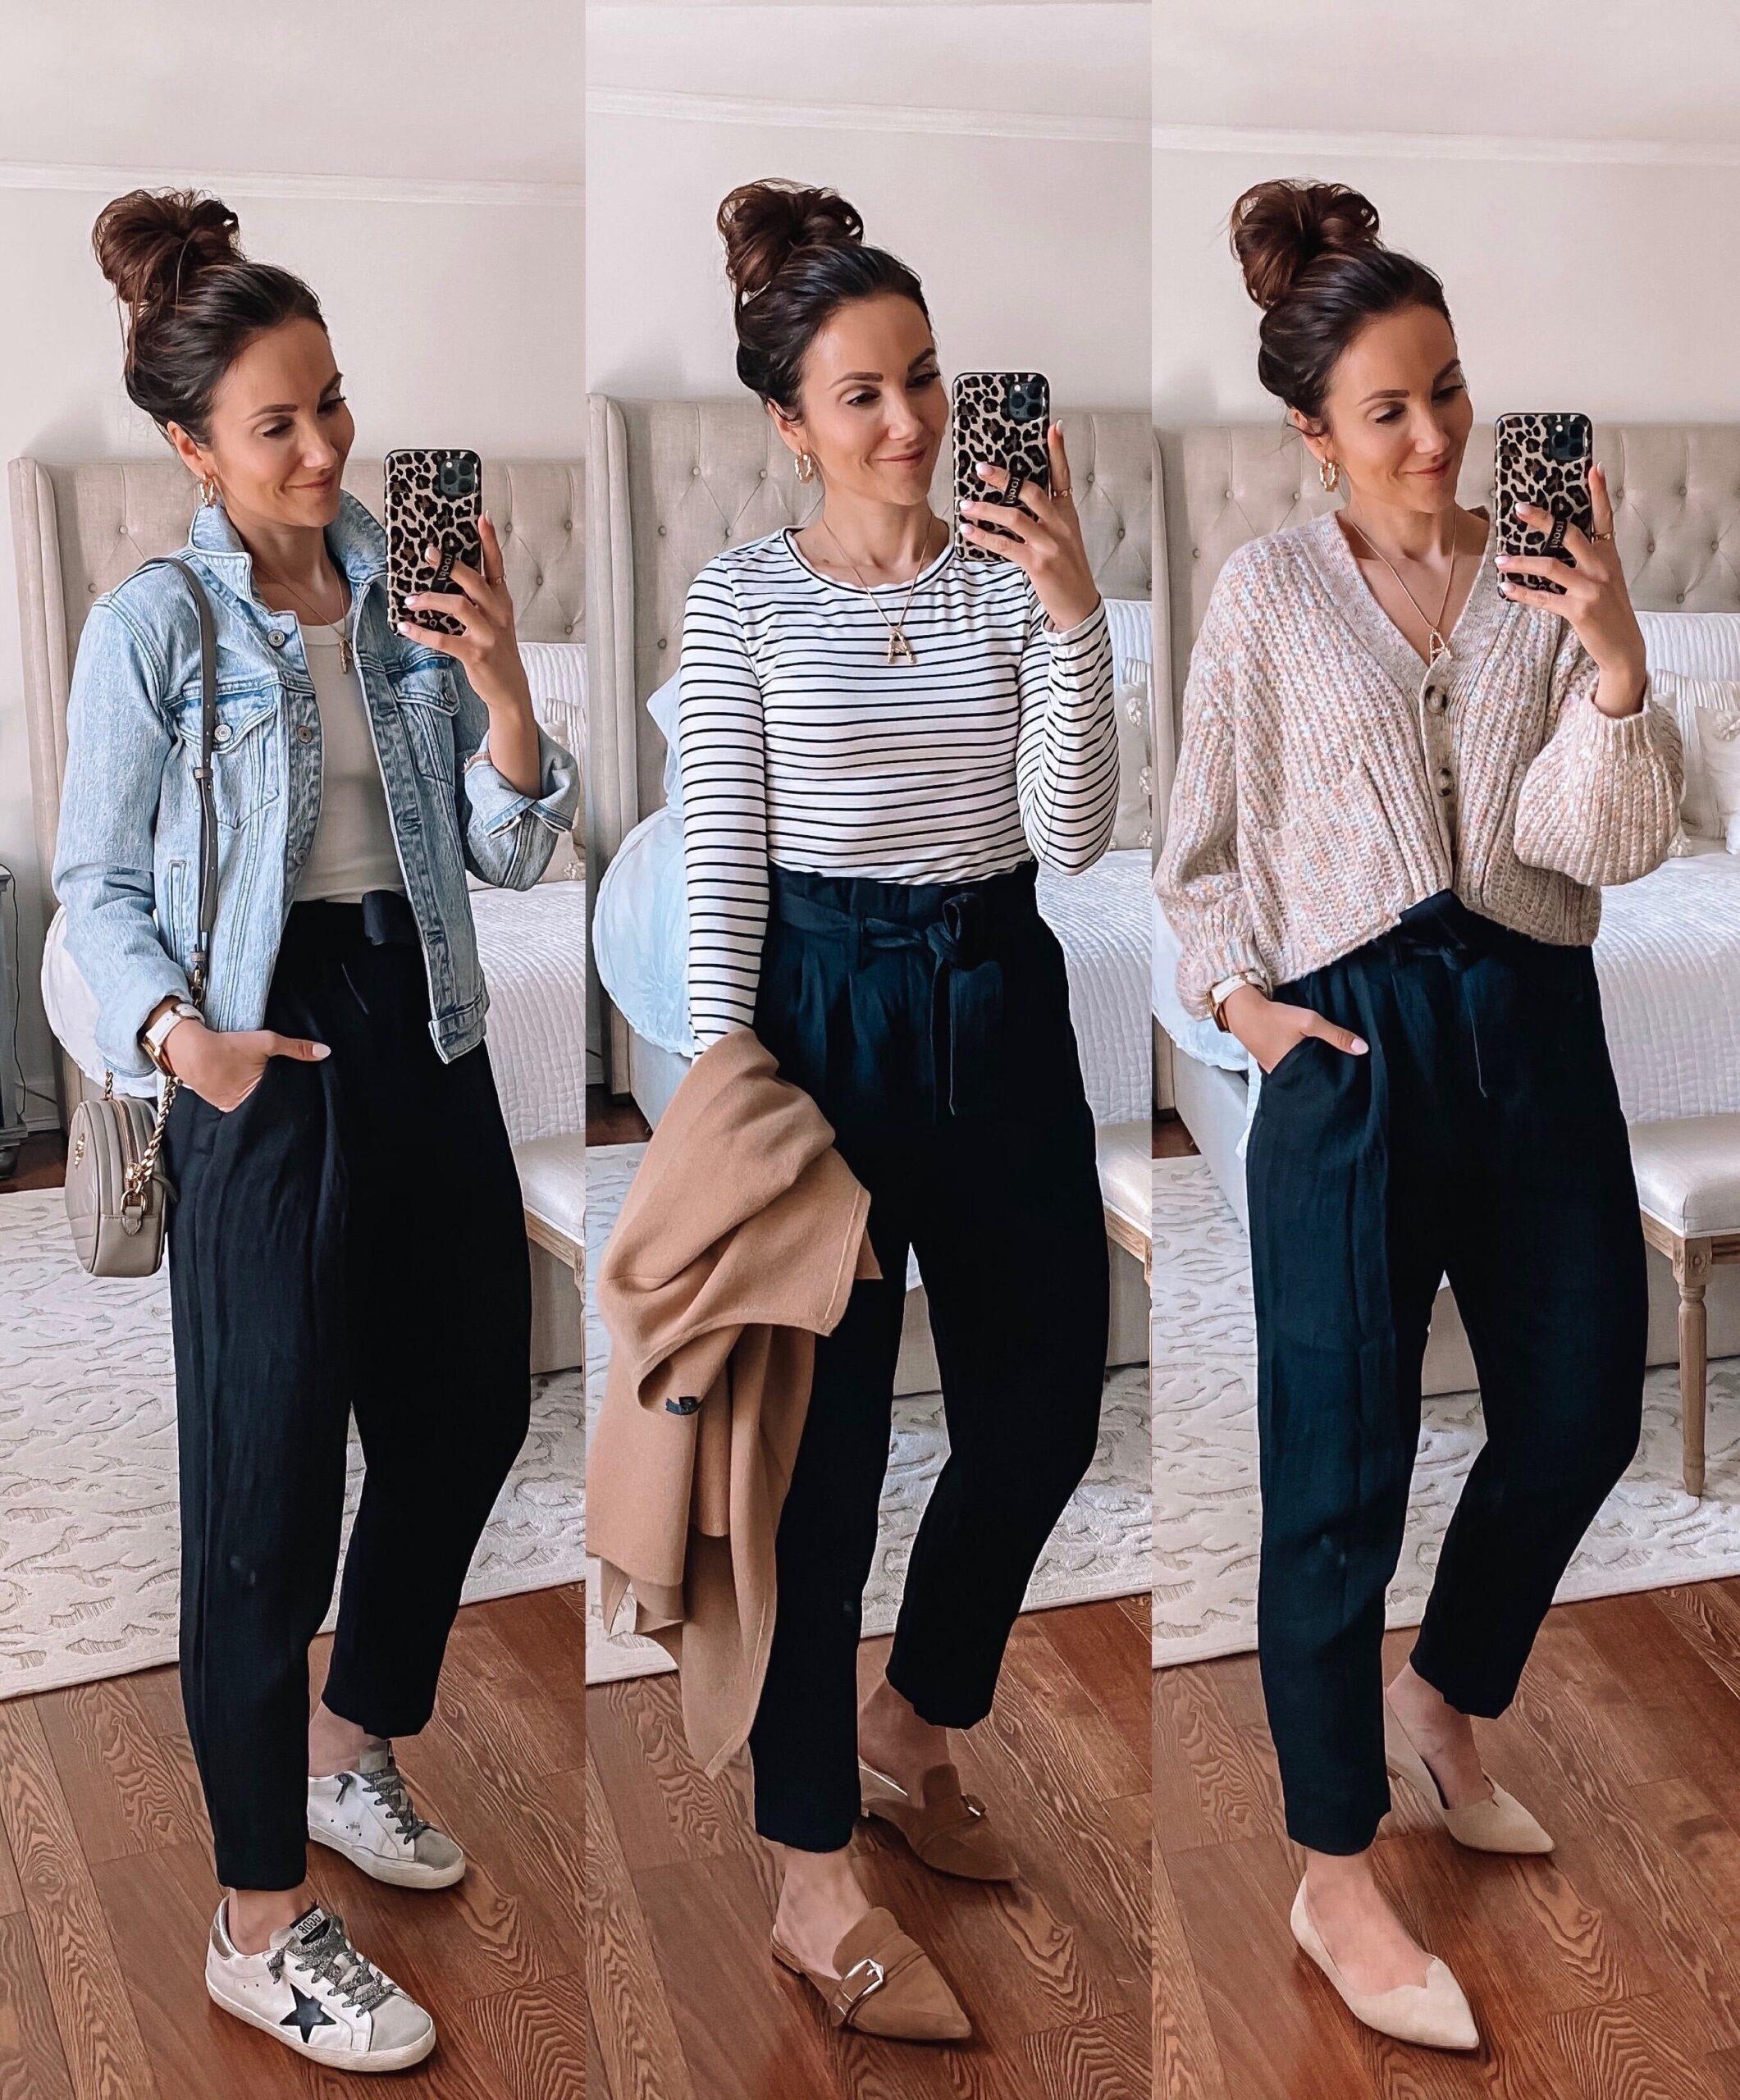 target style, target paperbag pants 3 ways